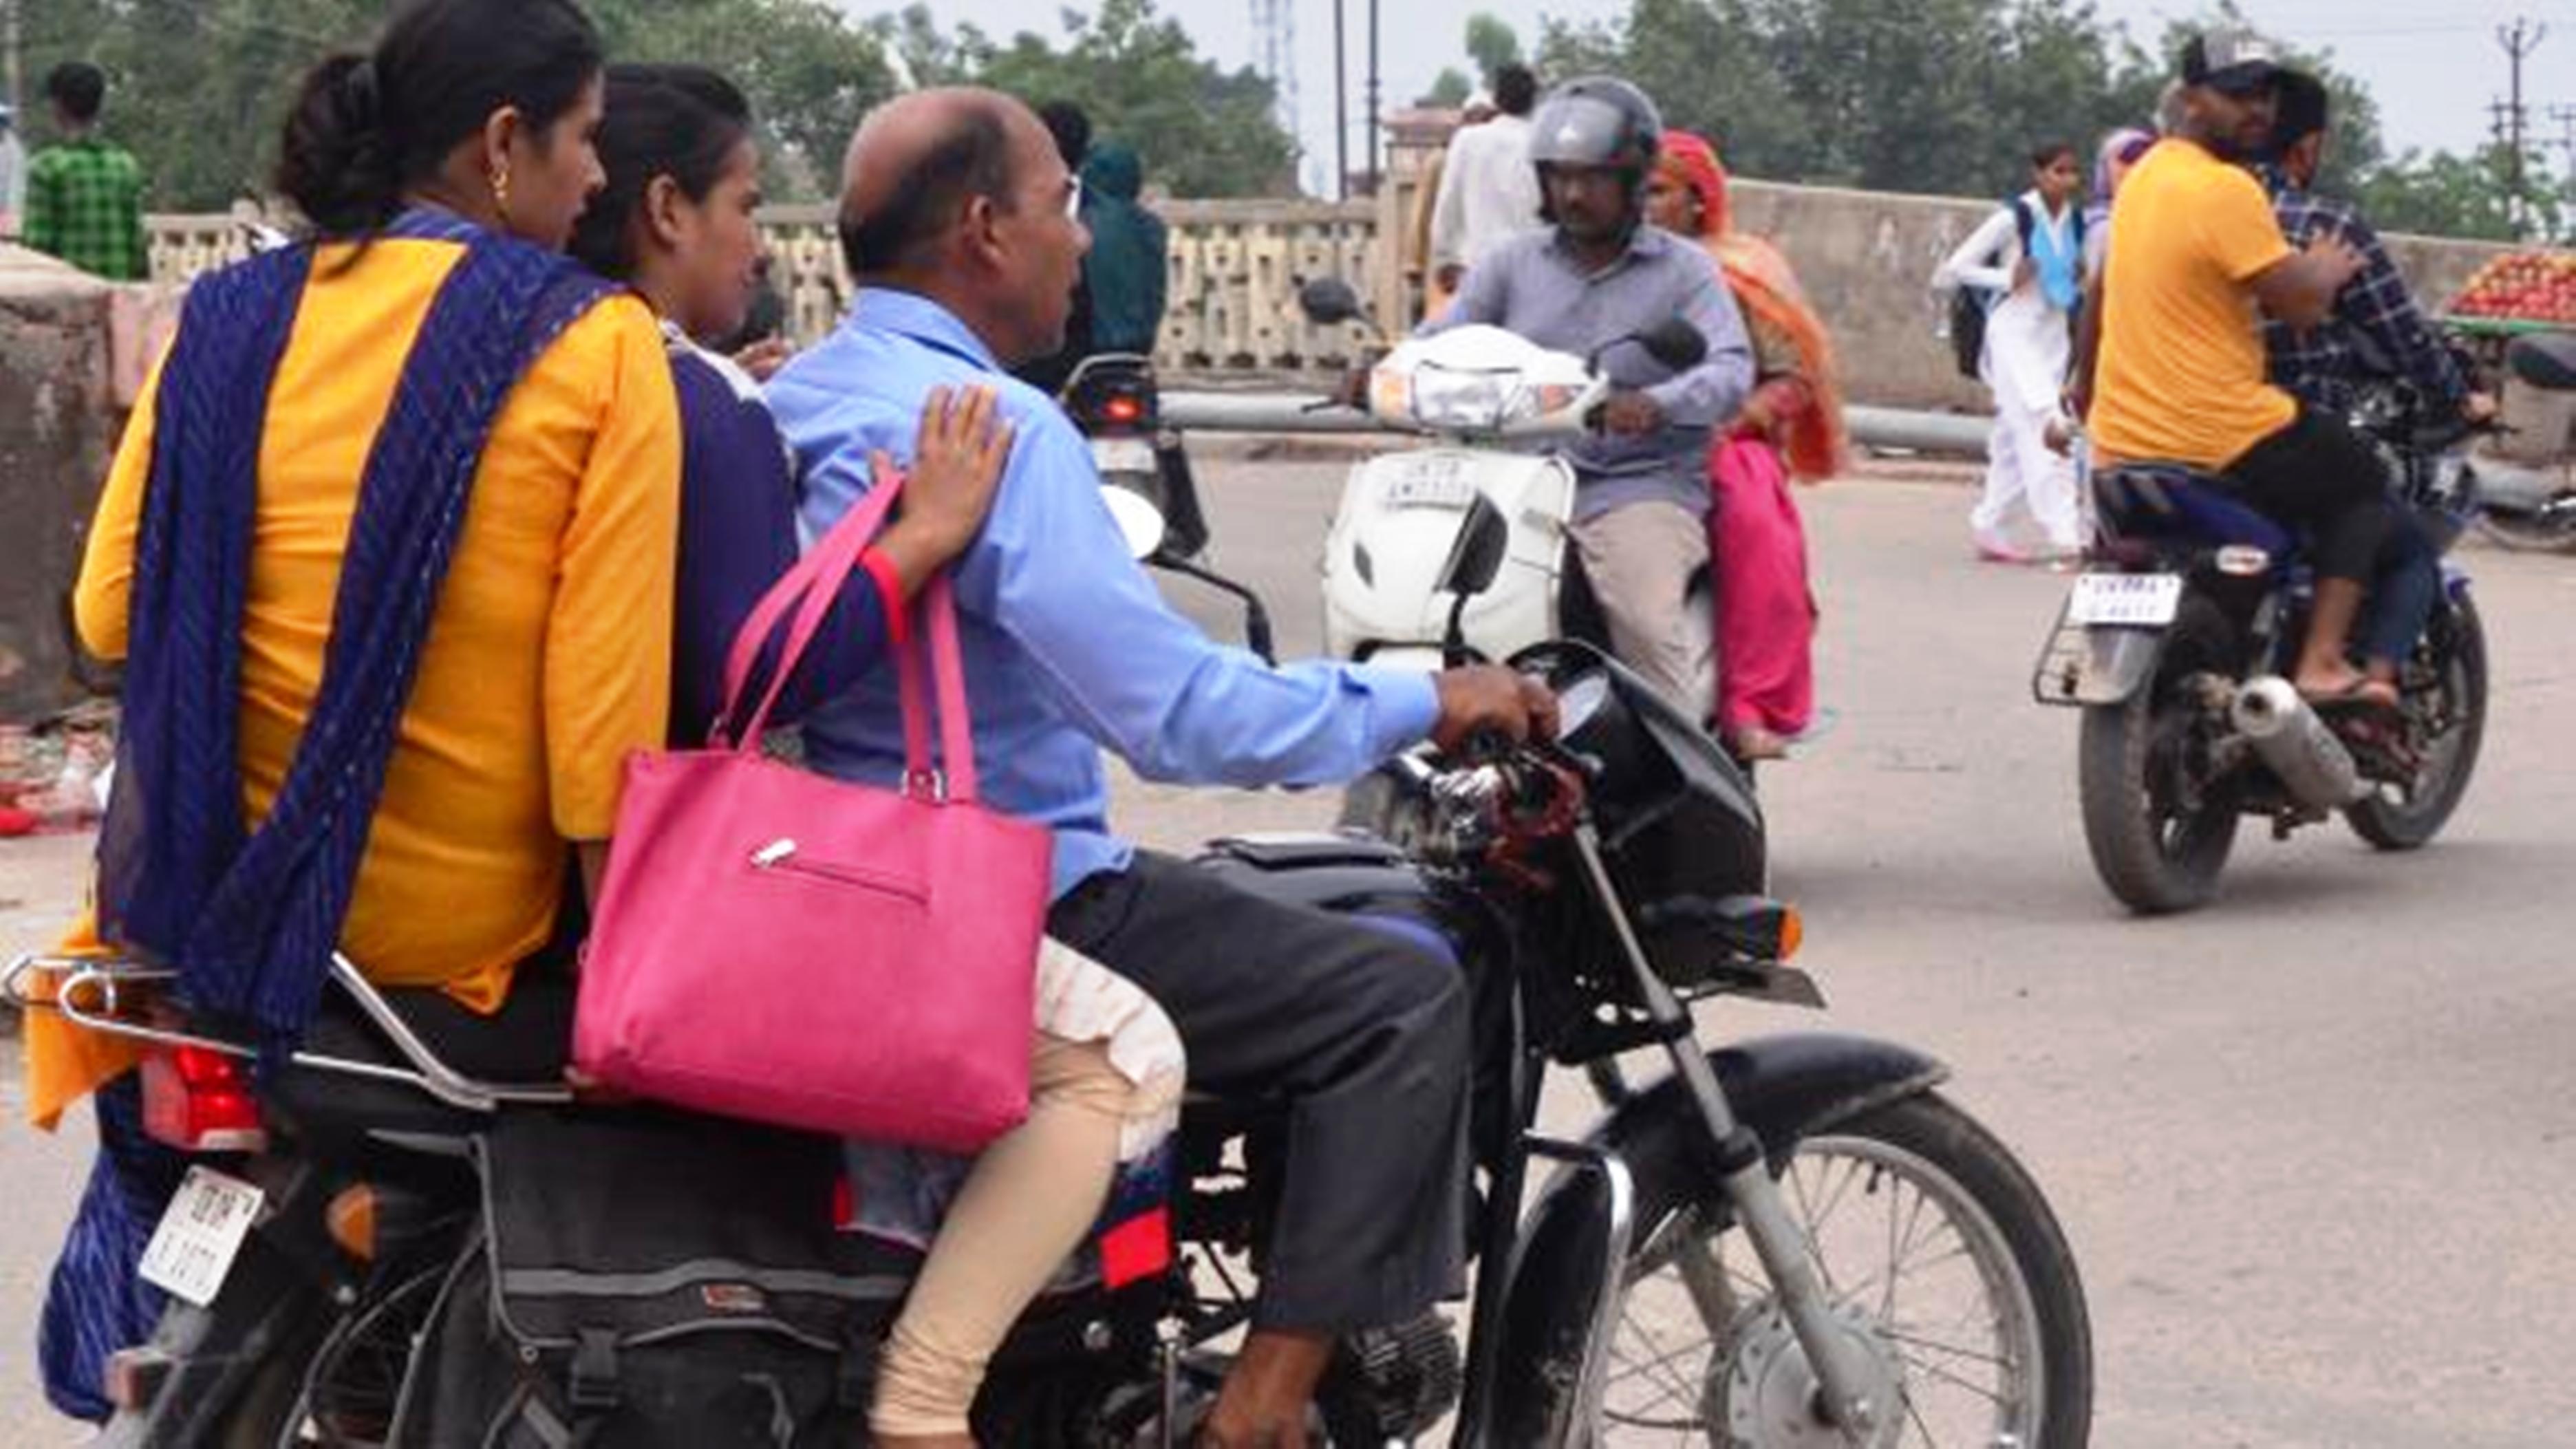 बिना हेलमेट बाइक चलानें वालों की फोटो भेजने पर मिलेगा 'रूपइया'